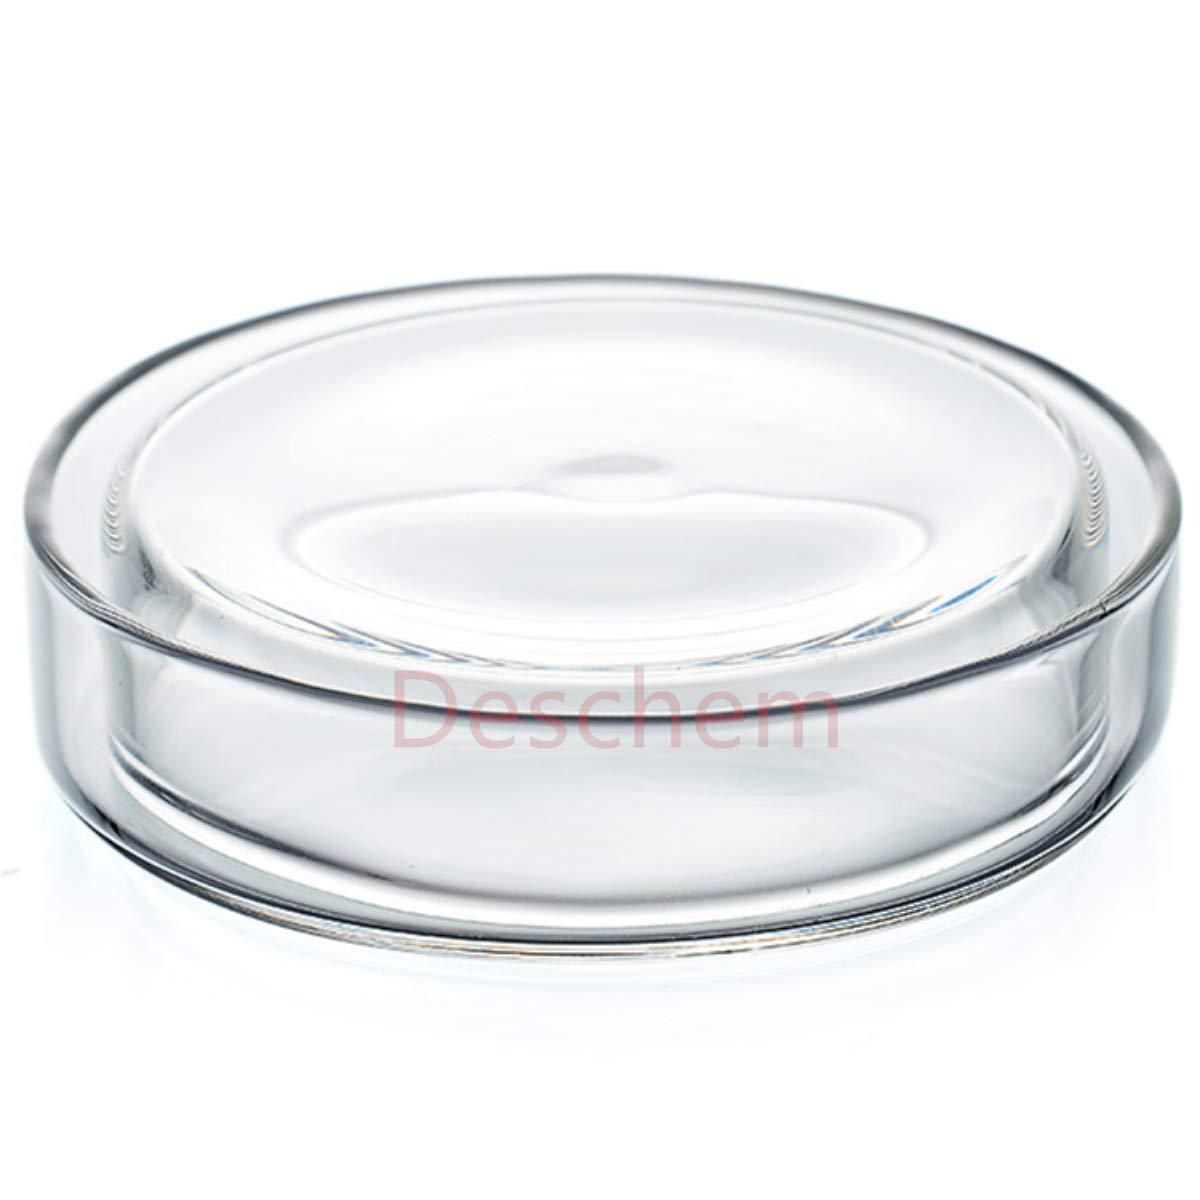 120MM GLASS PETRI DISH